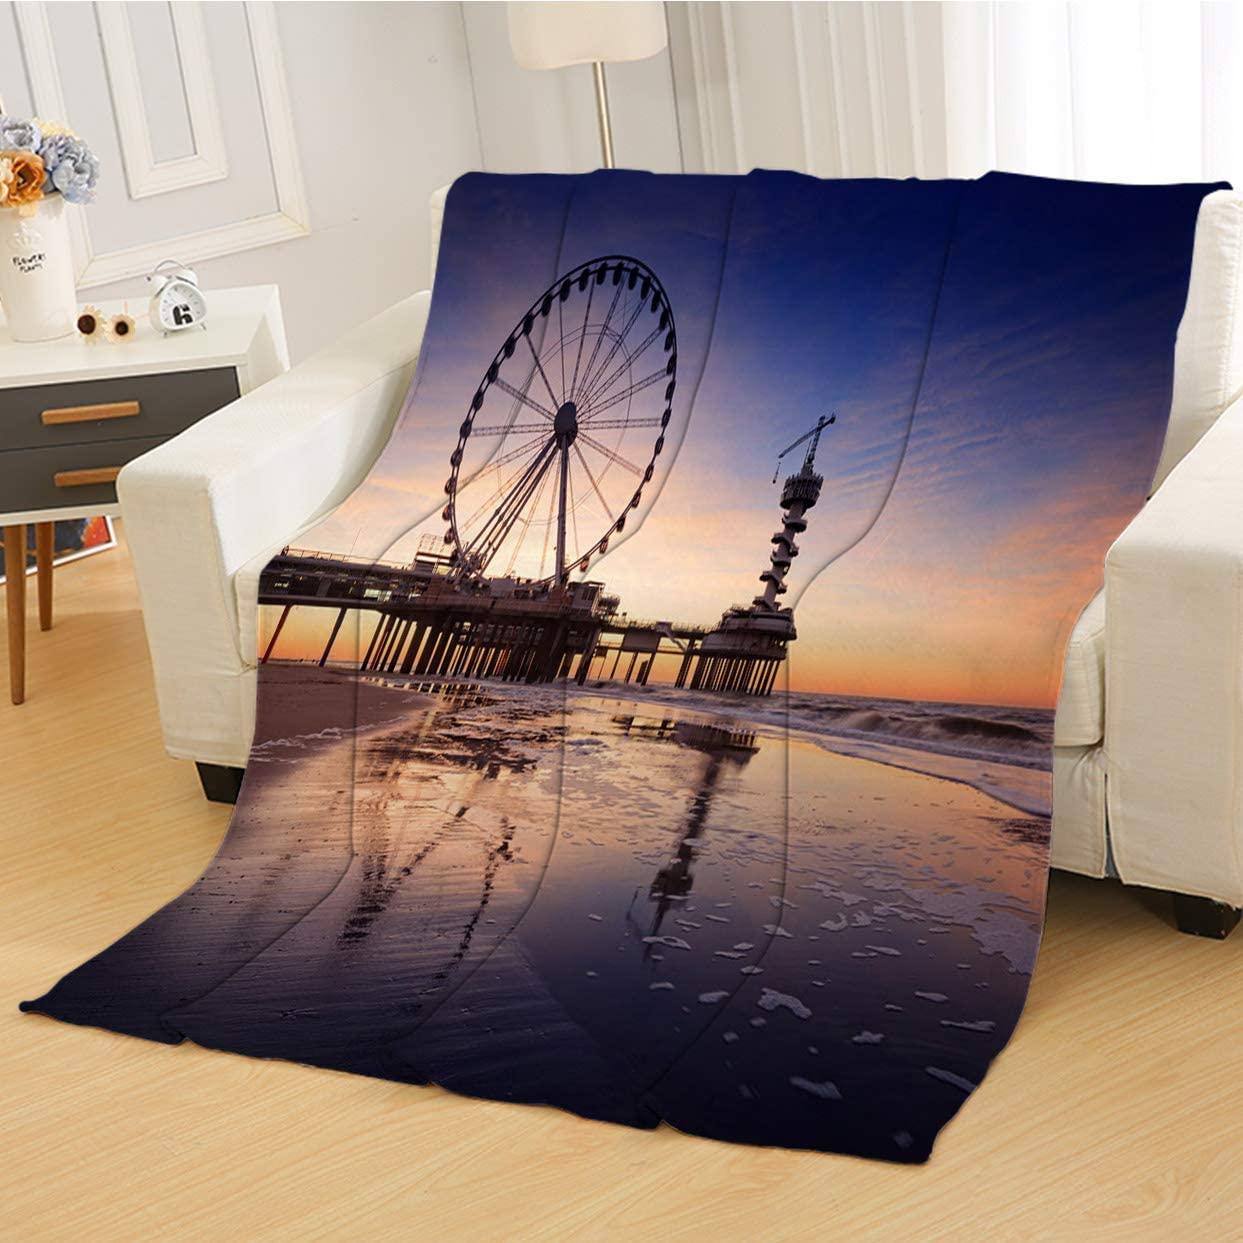 RLDSESS Soft Baby Blanket, All Season Blanket,Ferris Wheel On The Pier at Scheveningen,Soft Weighted Blanket,Baby Size: 31Wx47L inch